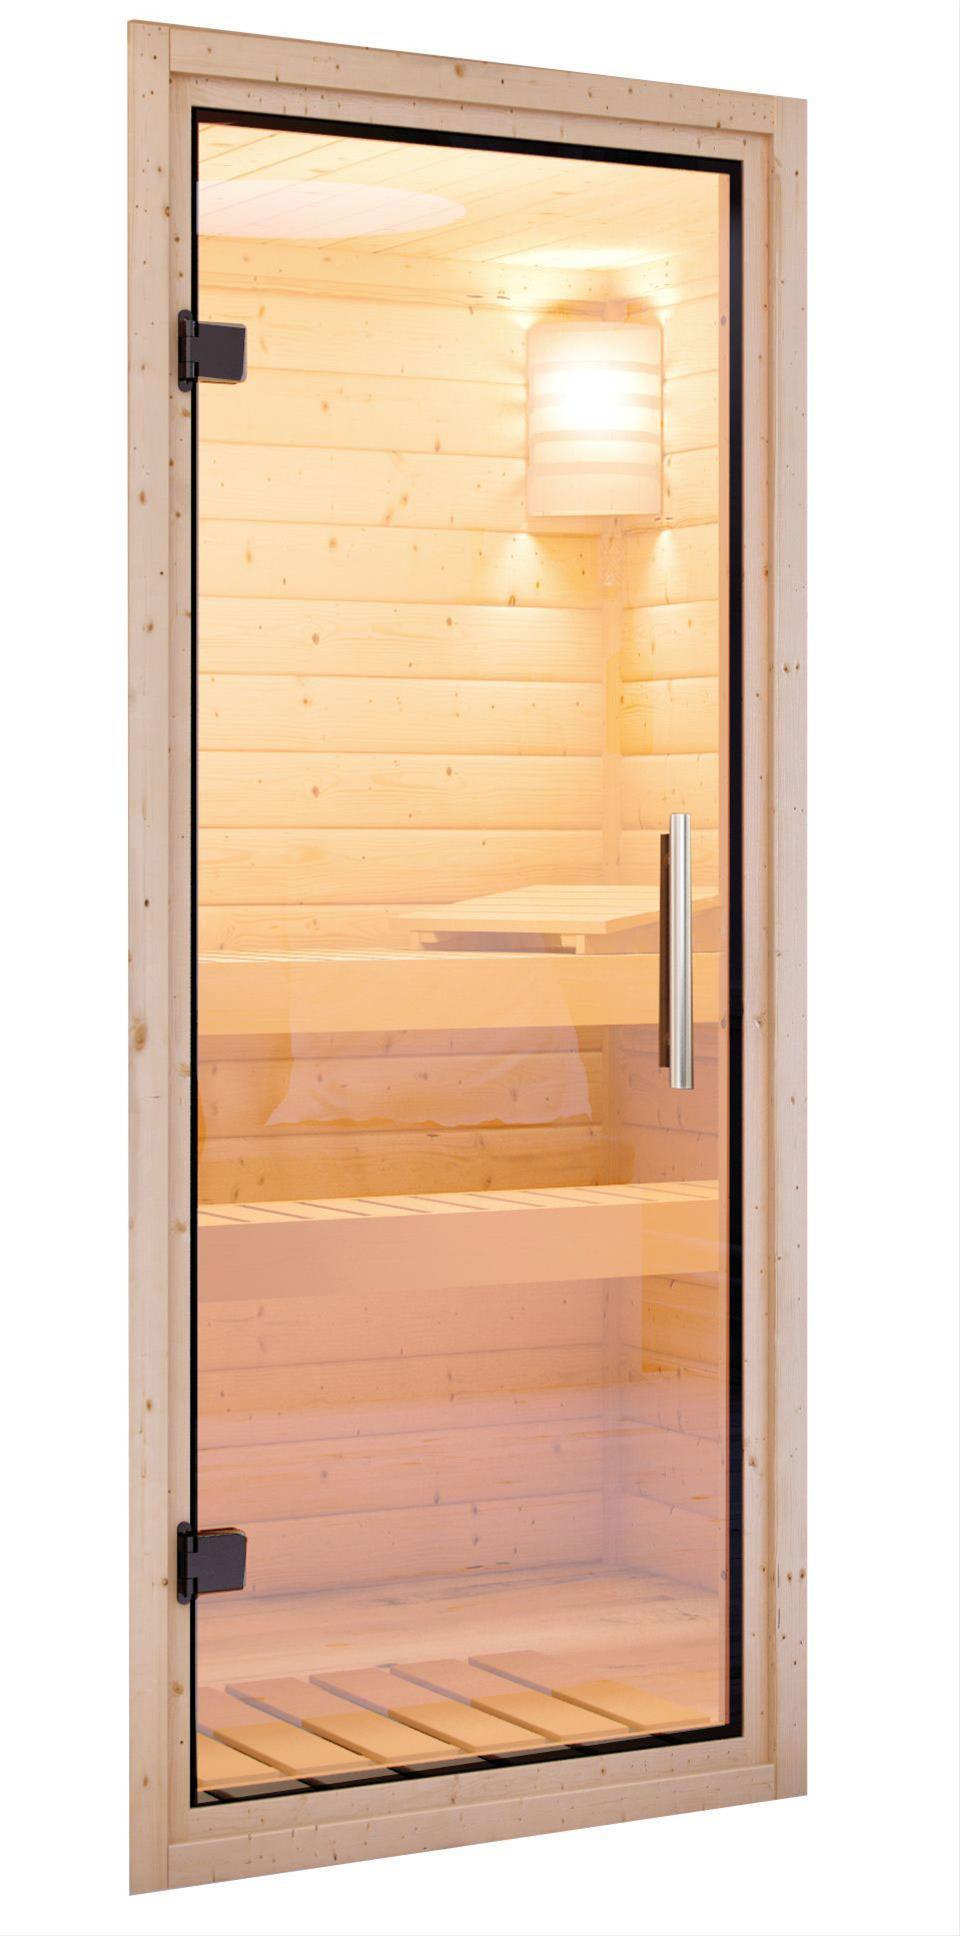 WoodFeeling Sauna Mia 38mm Saunaofen 9kW intern Klarglas Tür Bild 6